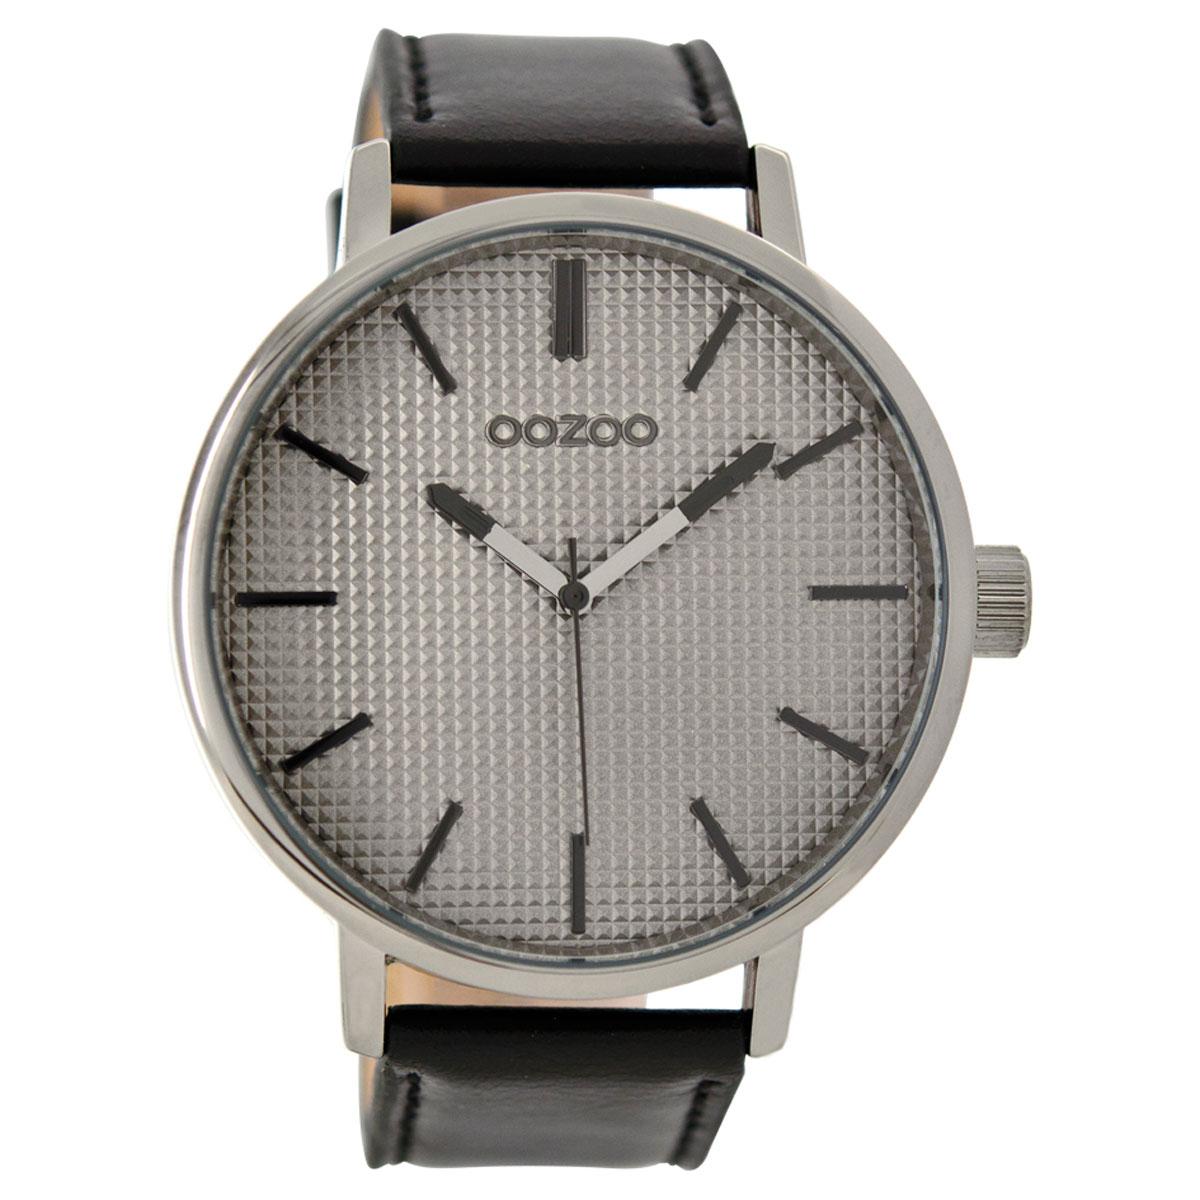 OOZOO Timepieces C9003 ανδρικό ρολόι XL με ασημί μεταλλική κάσα και μαύρο  δερμάτινο λουράκι 69bae7def51